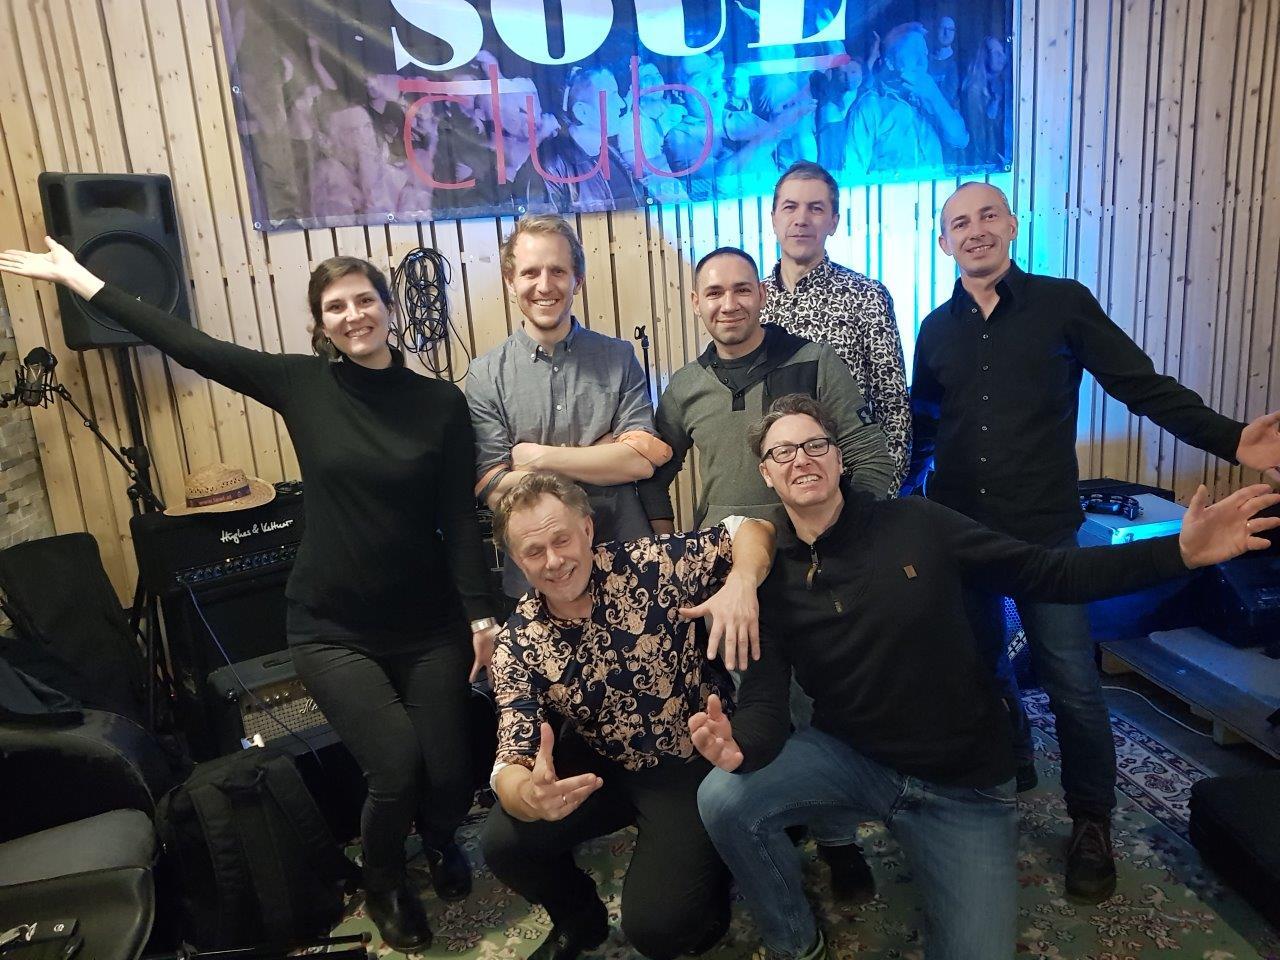 Soulclub Bandfoto Proberaum (3)